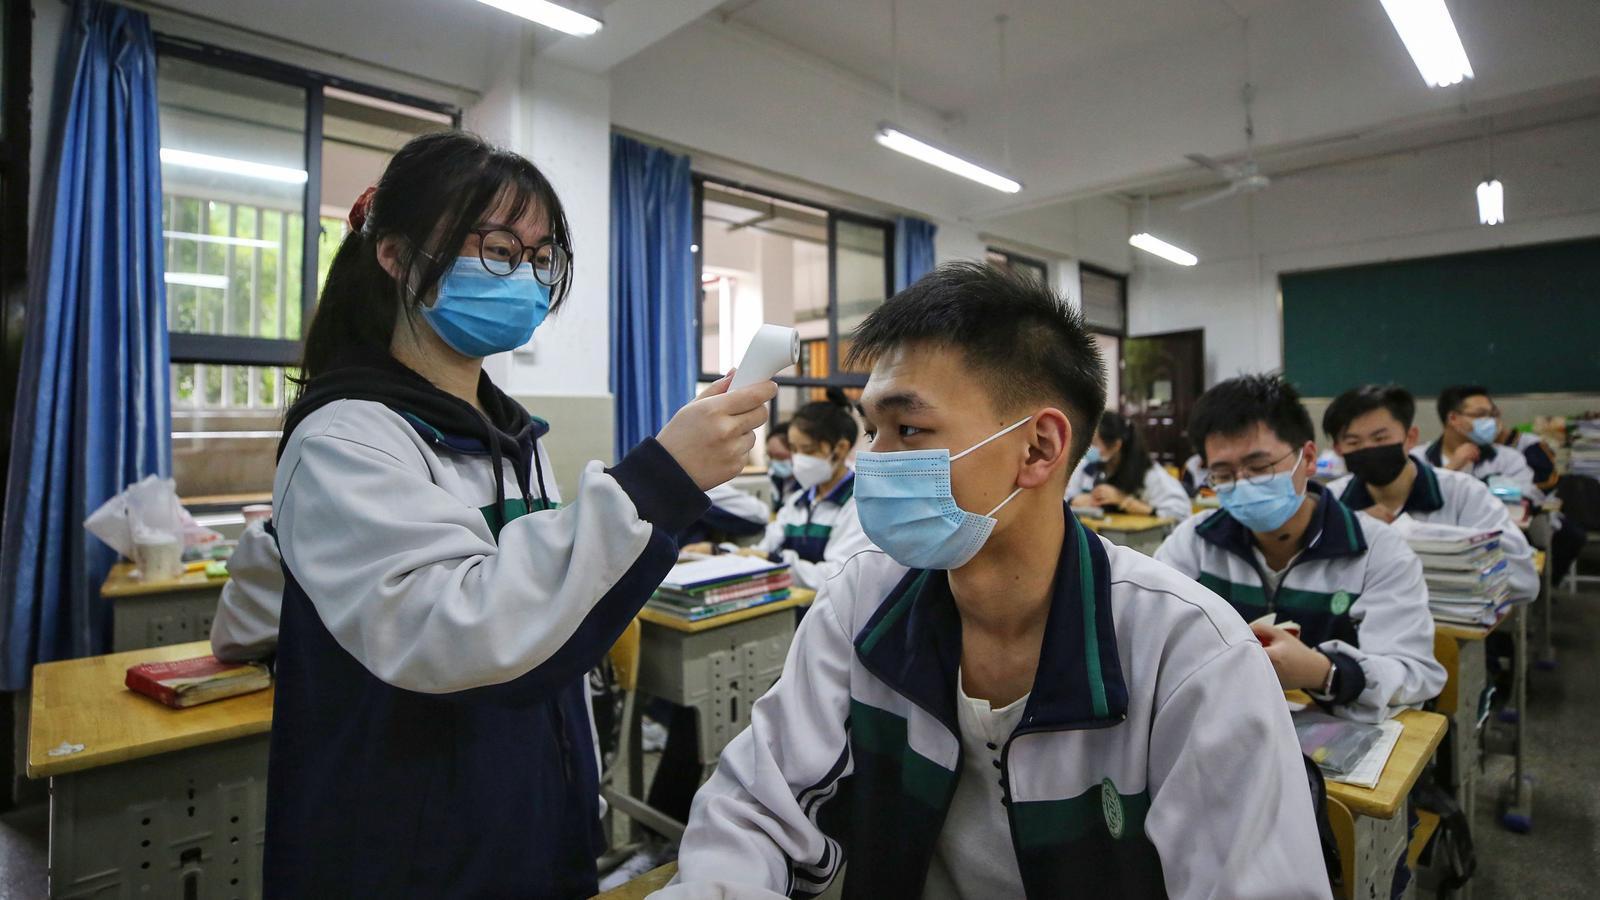 Una alumna prenent la temperatura a un company en el primer dia de classe a Wuhan després del confinament pel coronavirus